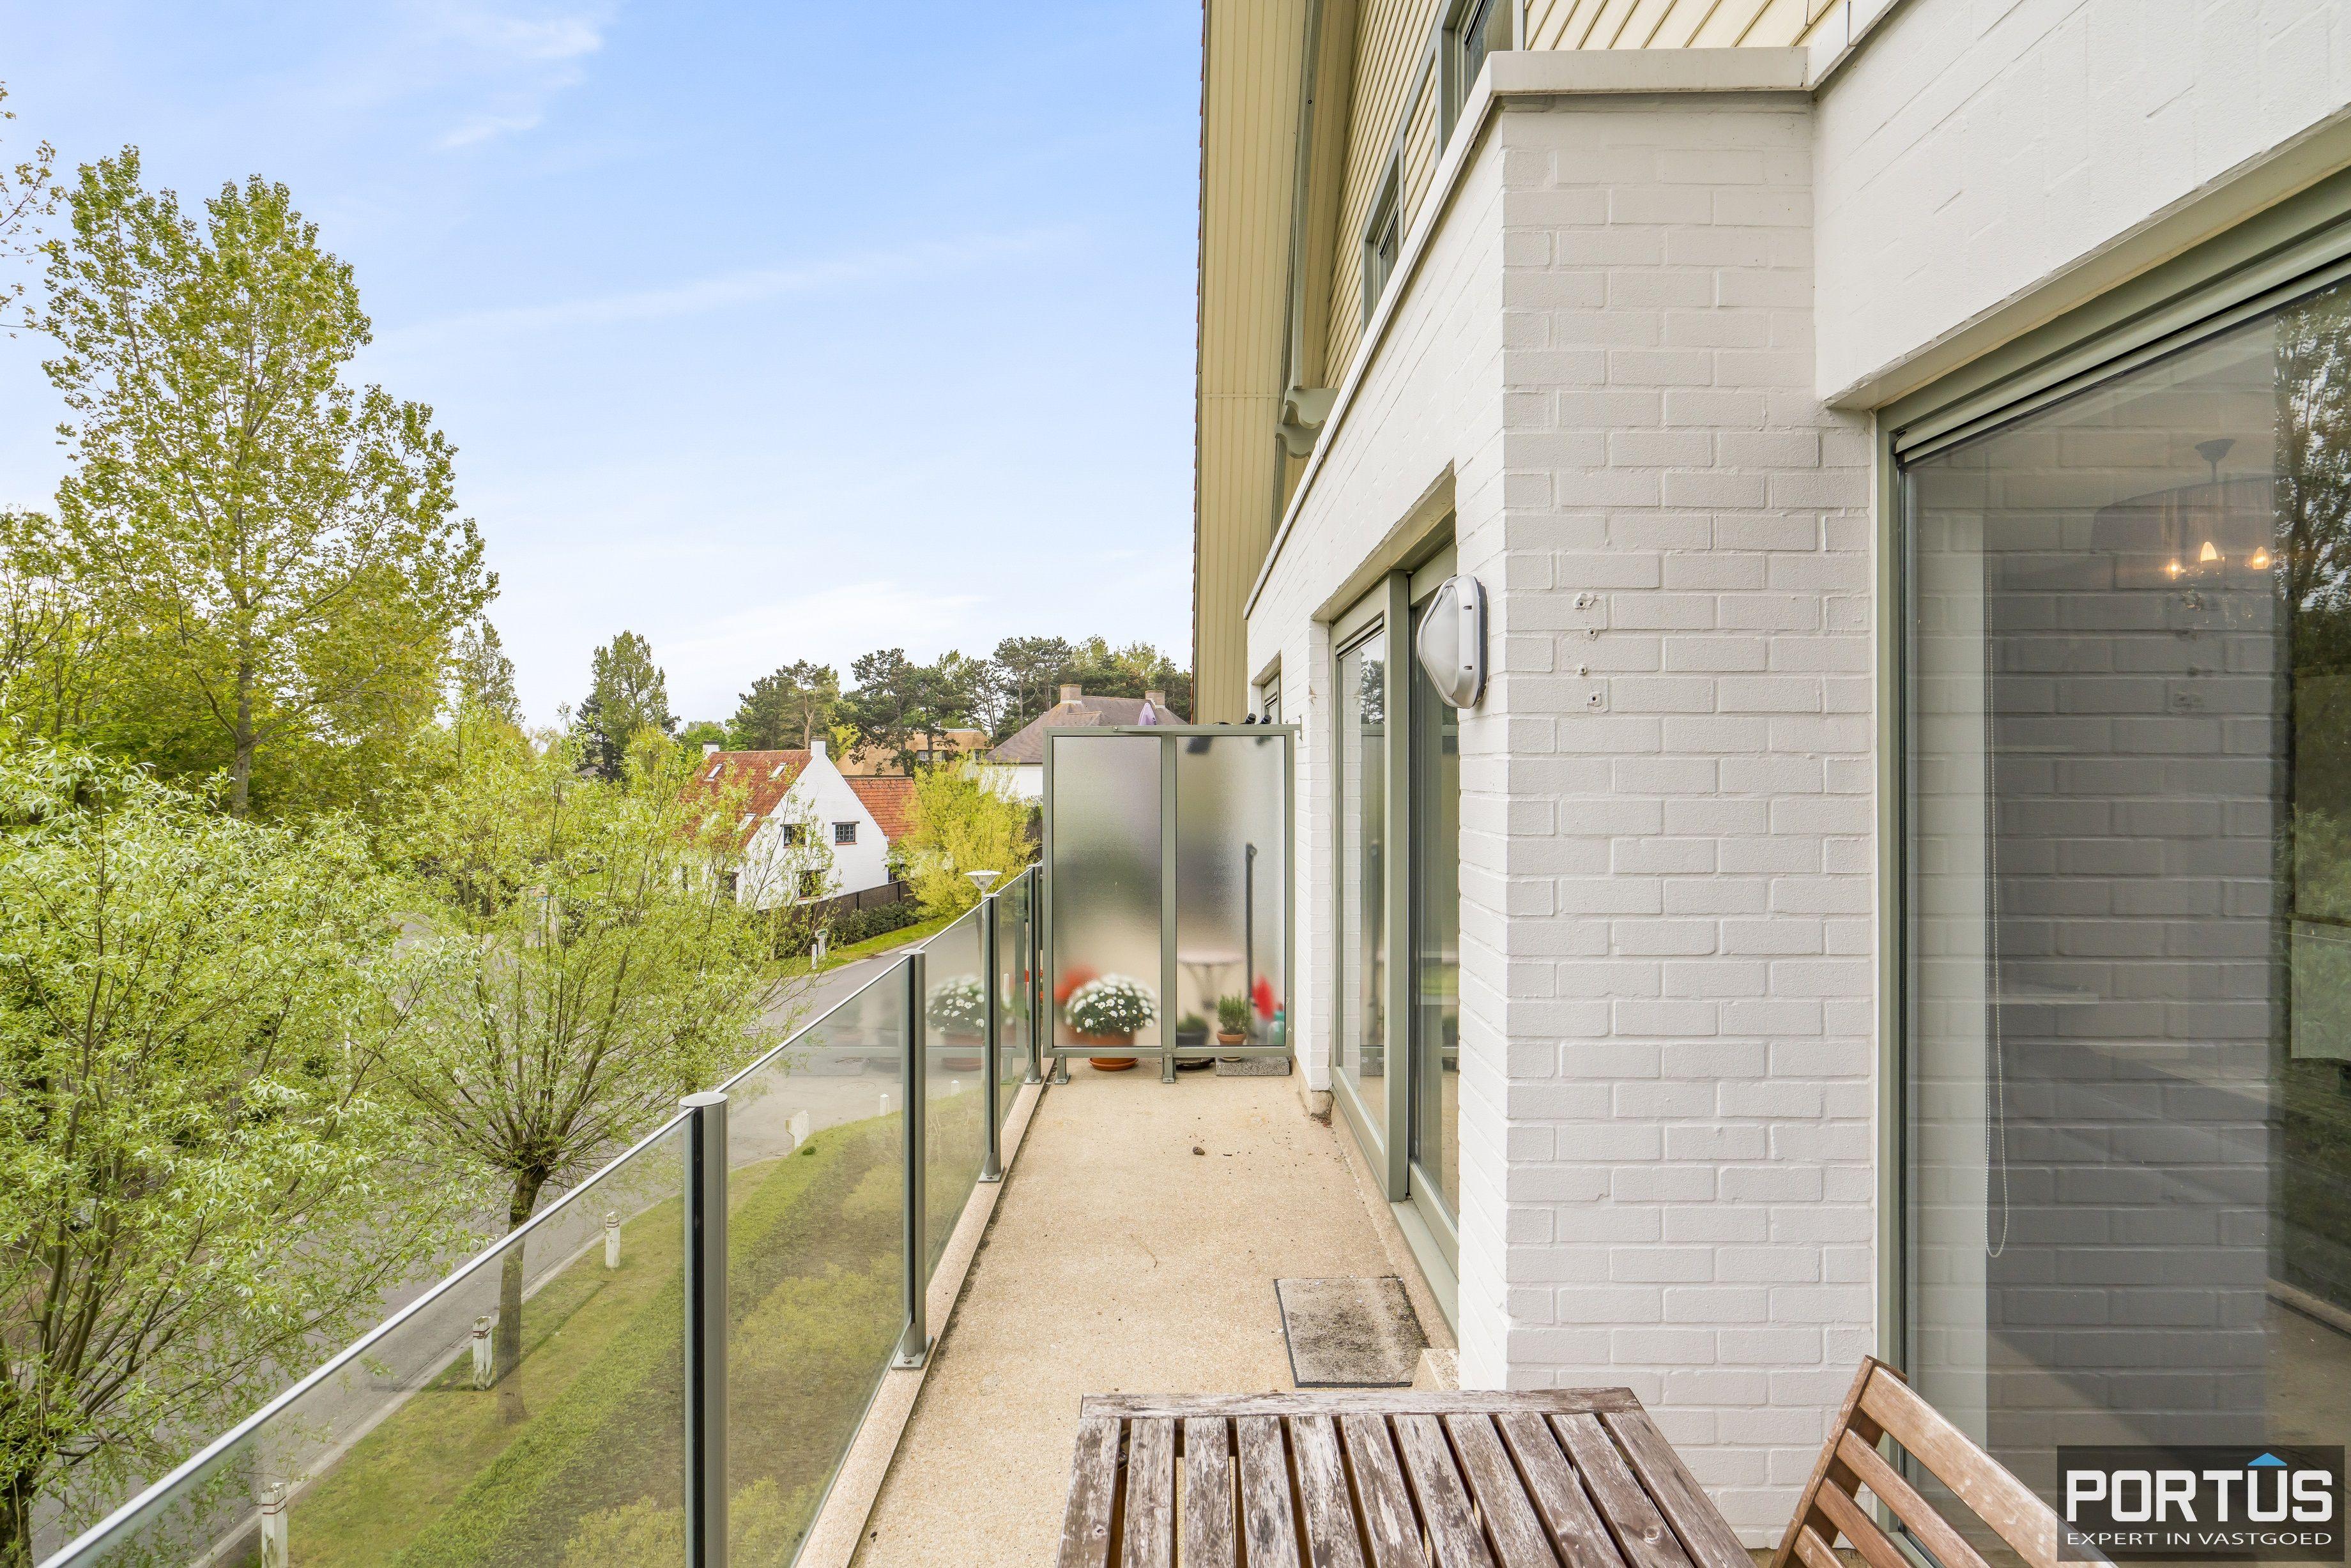 Appartement te koop te Nieuwpoort met 4 slaapkamers - 12989